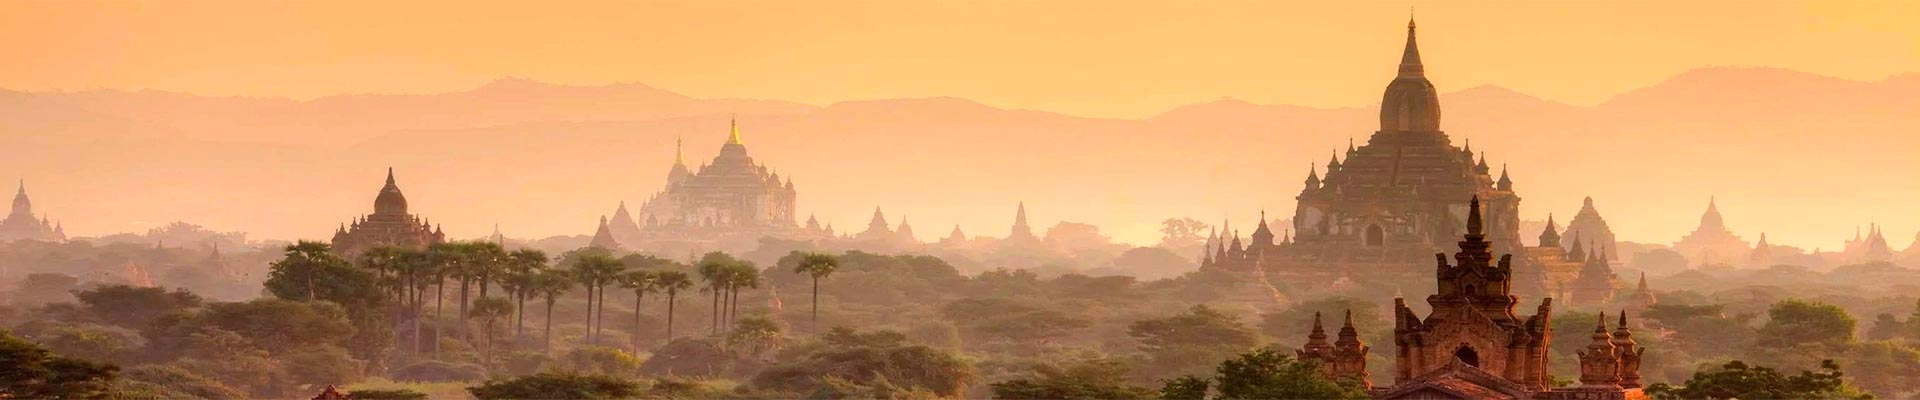 Pacote de viagem – Myanmar e Tailândia